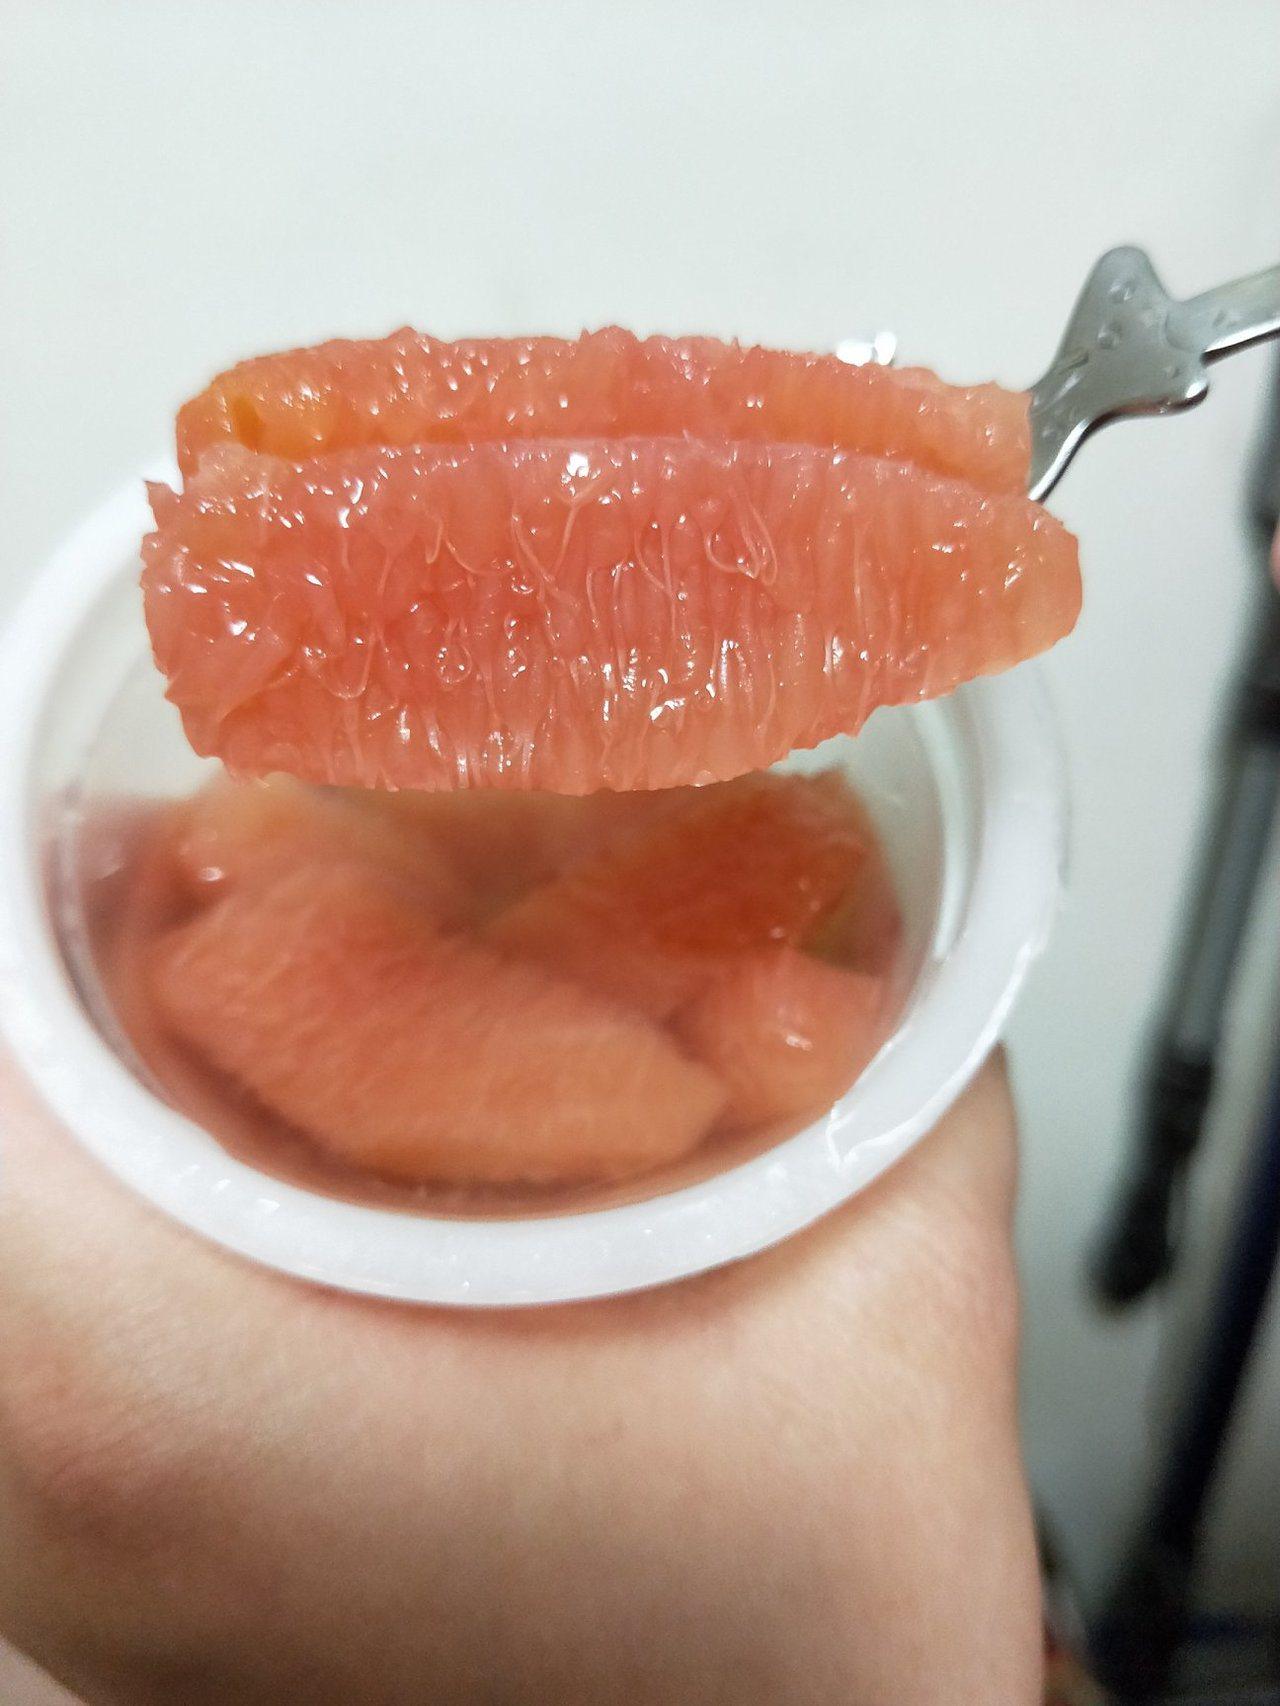 打開可見滿滿鮮果肉。圖/摘自Costco好市多 商品經驗老實說社團